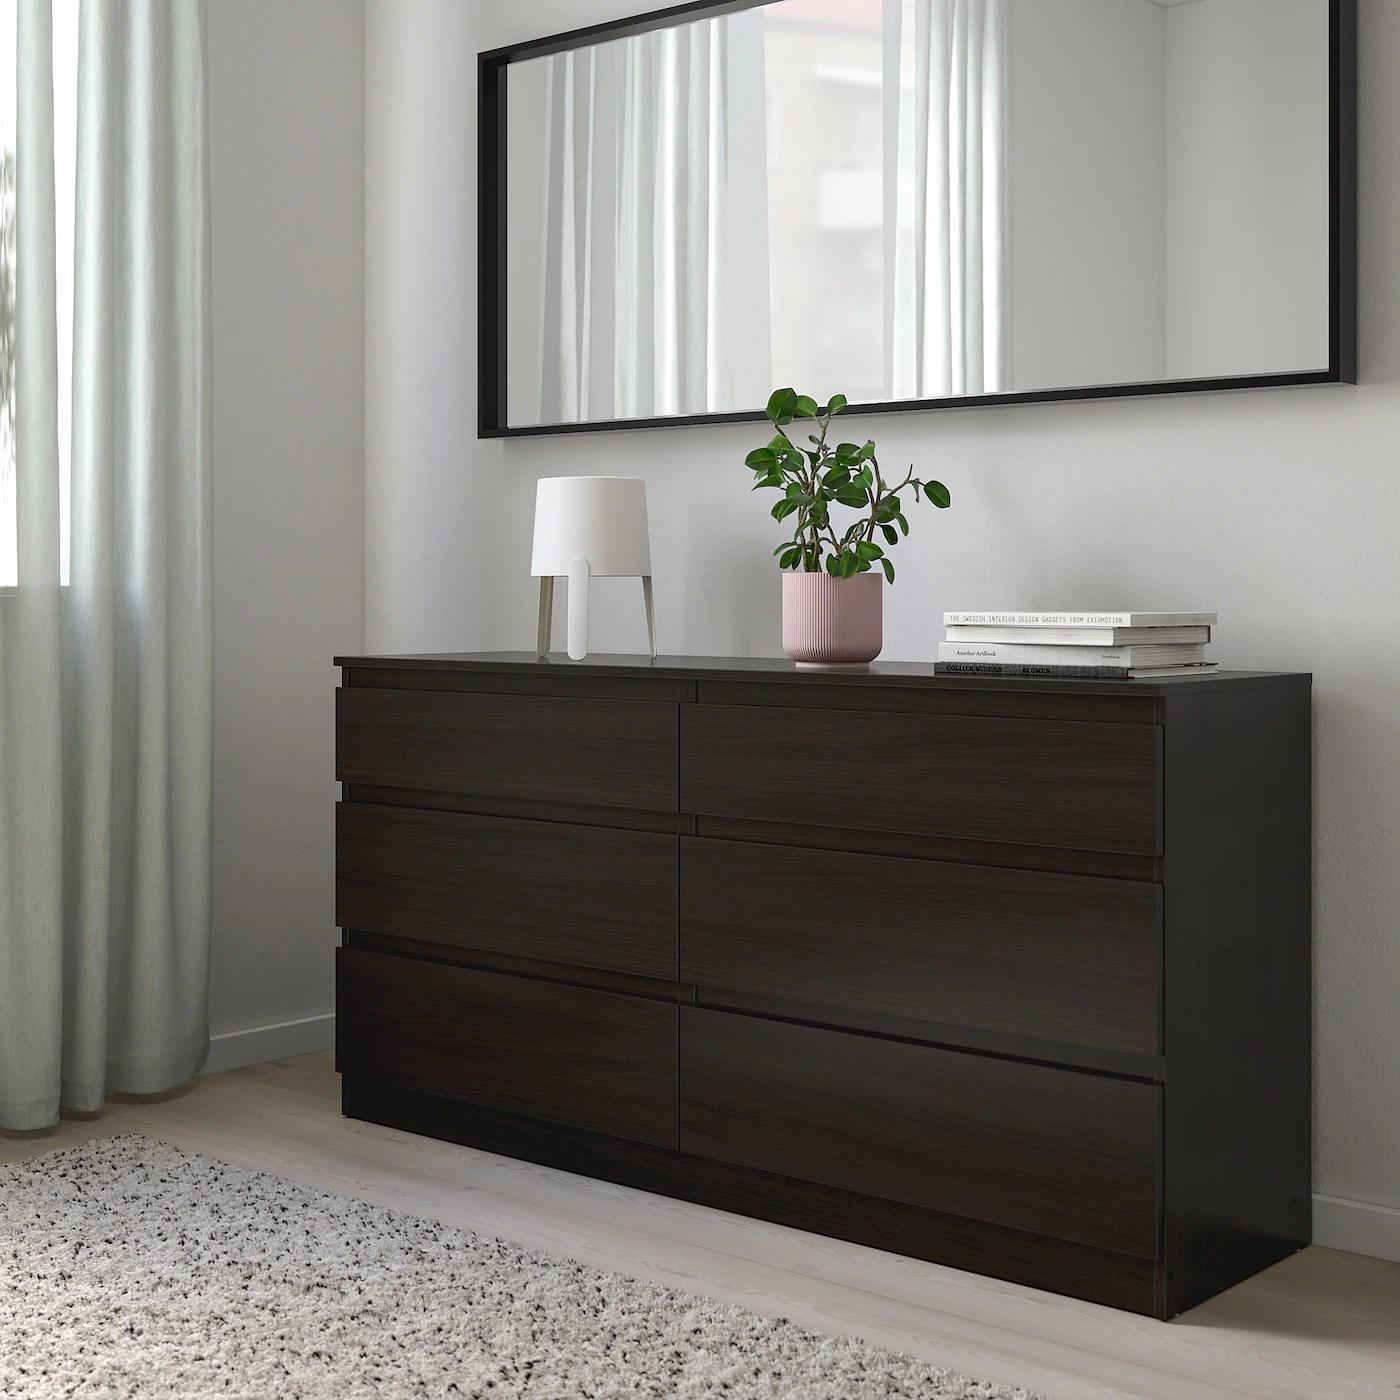 kullen 6 drawer dresser black brown 55 1 8x28 3 8